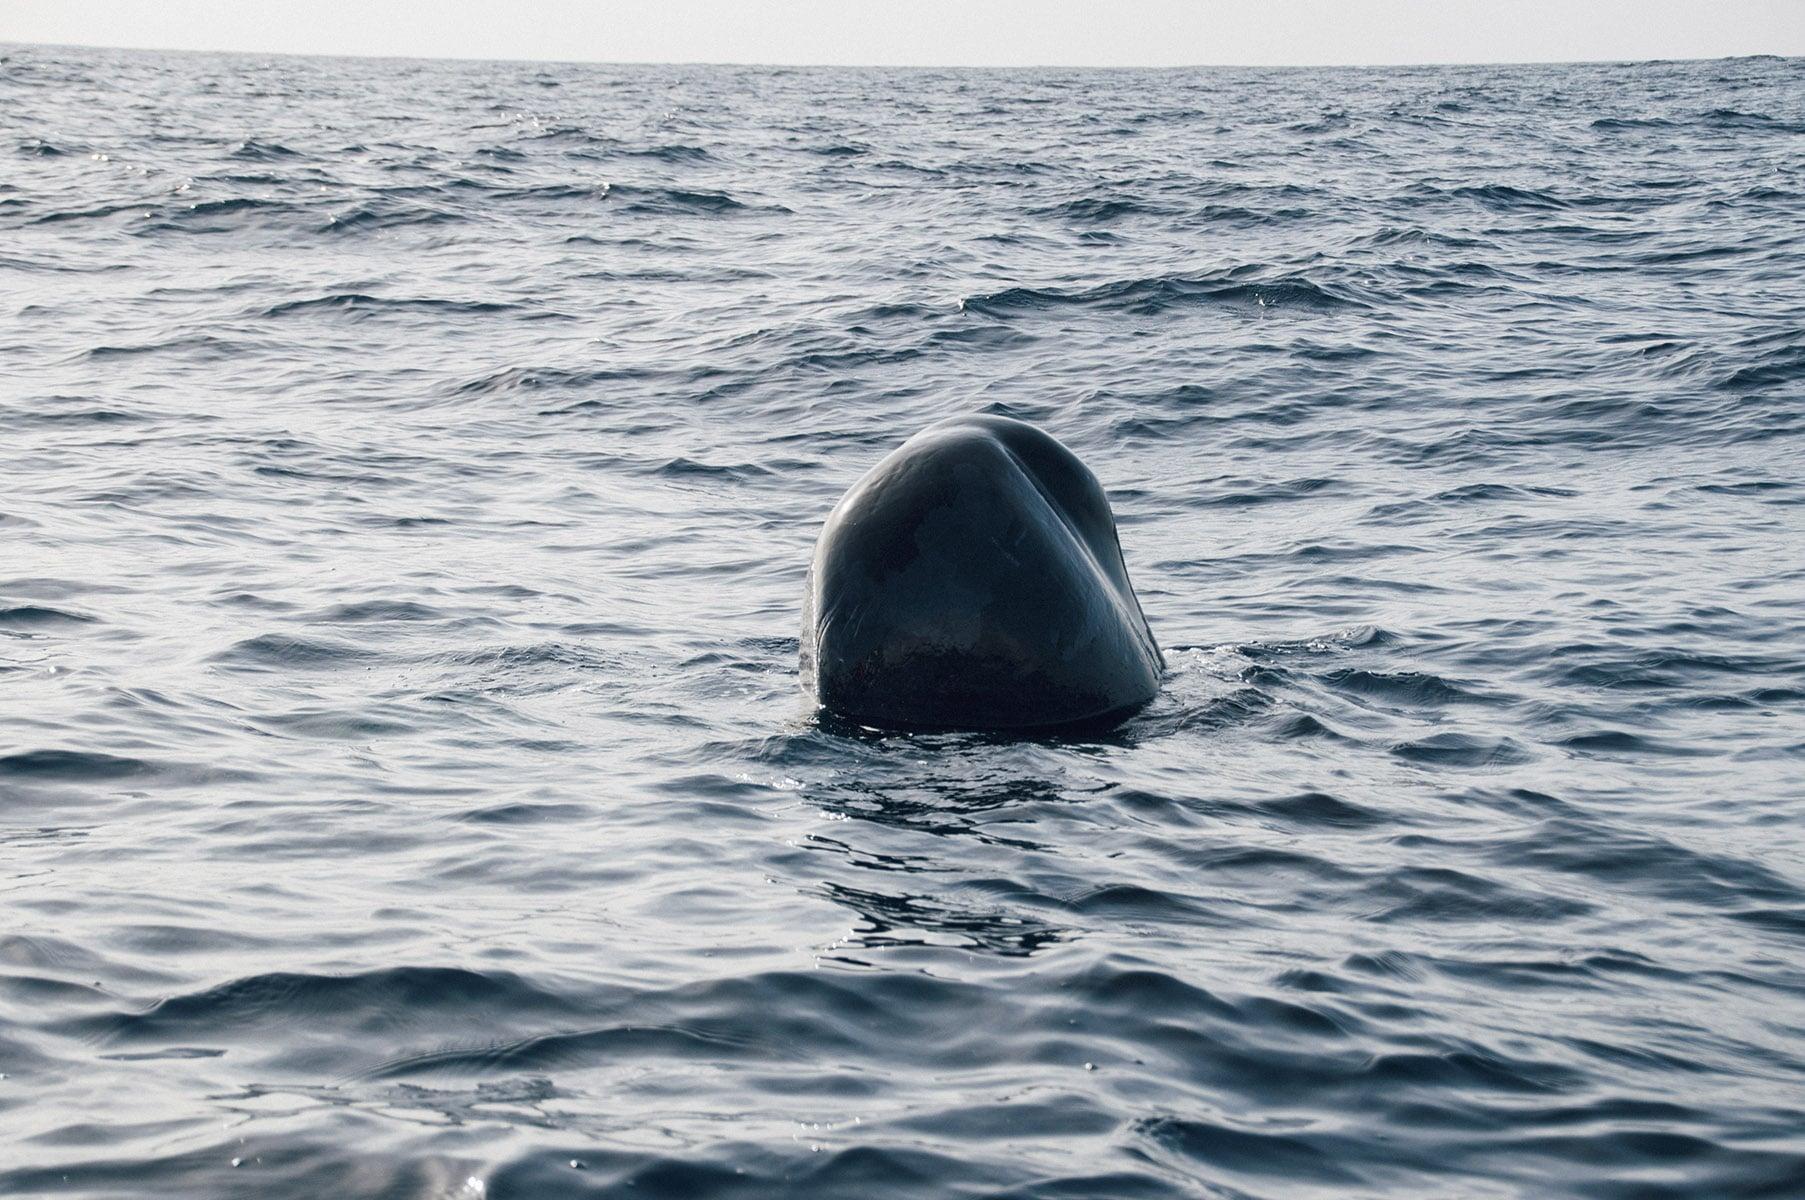 voyage açores baleine